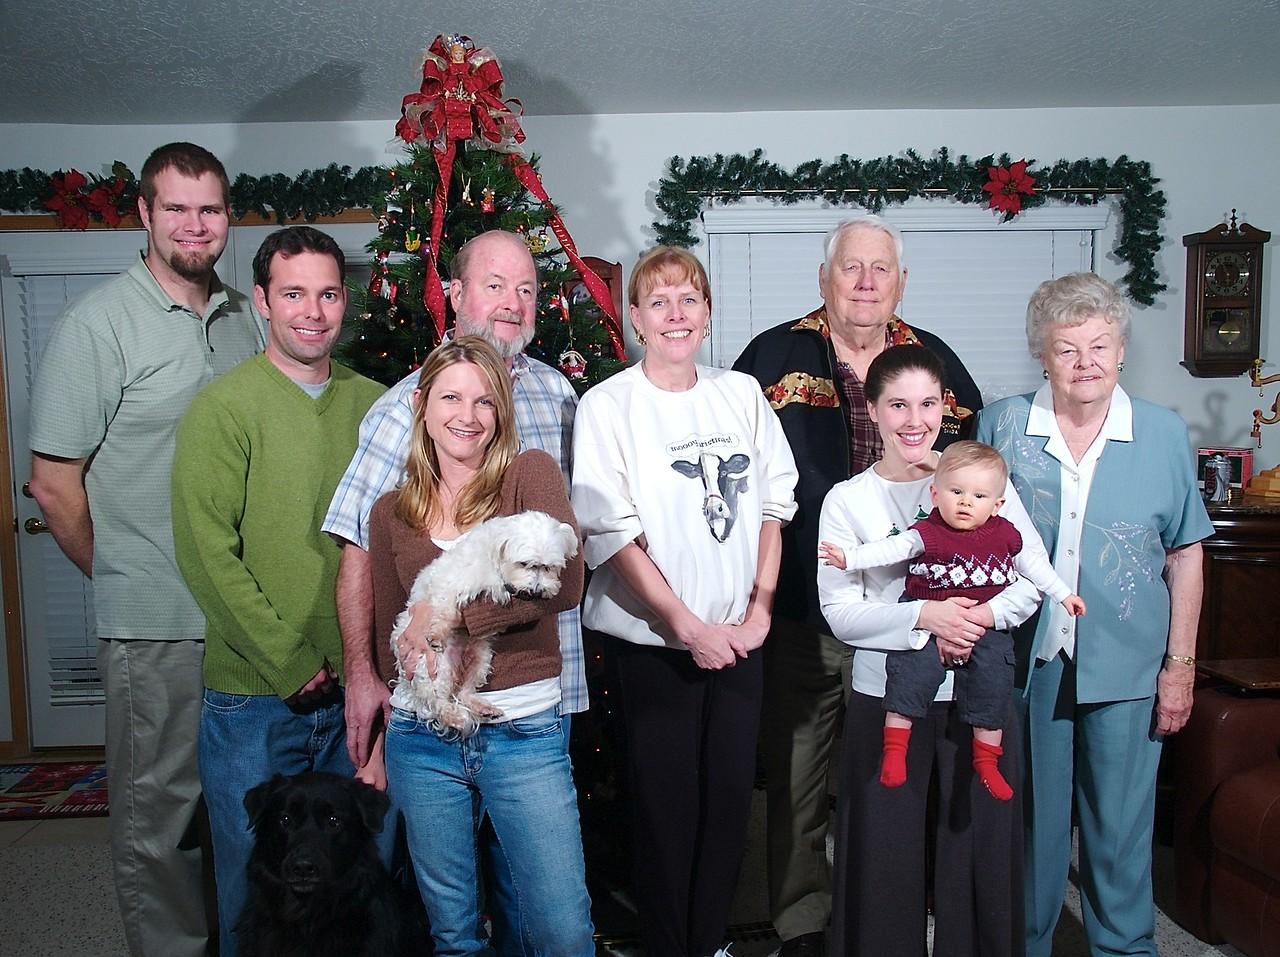 family portrait: Tony, Randy, Clugger, Rashel & Doc, Tony's stepdad Steve, Tony's mom Barb, grandpa Howard, Katie & Cody, grandma Ellen 12/25/06